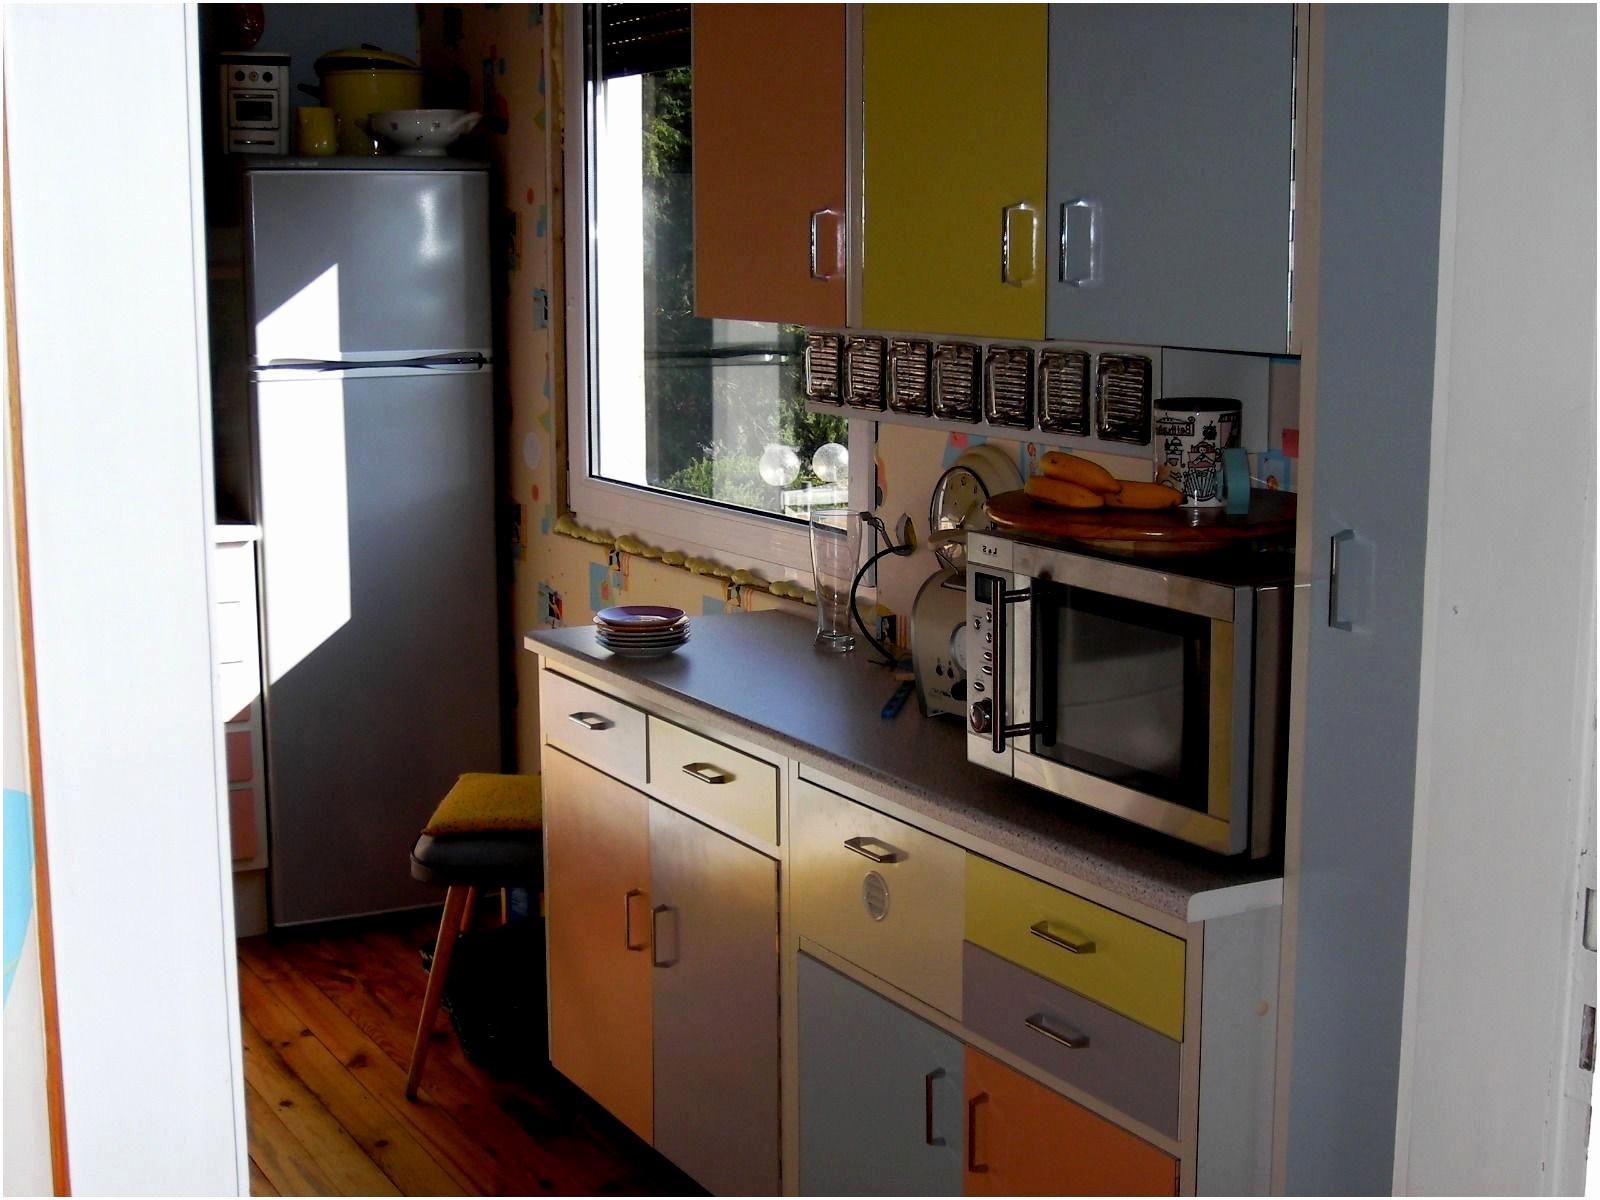 Full Size of Ikea Vrde Kuche Schrankkche Elegant Bild Foto 4 Küche Kosten Gebrauchte Fenster Kaufen Verkaufen Betten Bei Modulküche Landhausküche Gebraucht Wohnzimmer Schrankküche Ikea Gebraucht